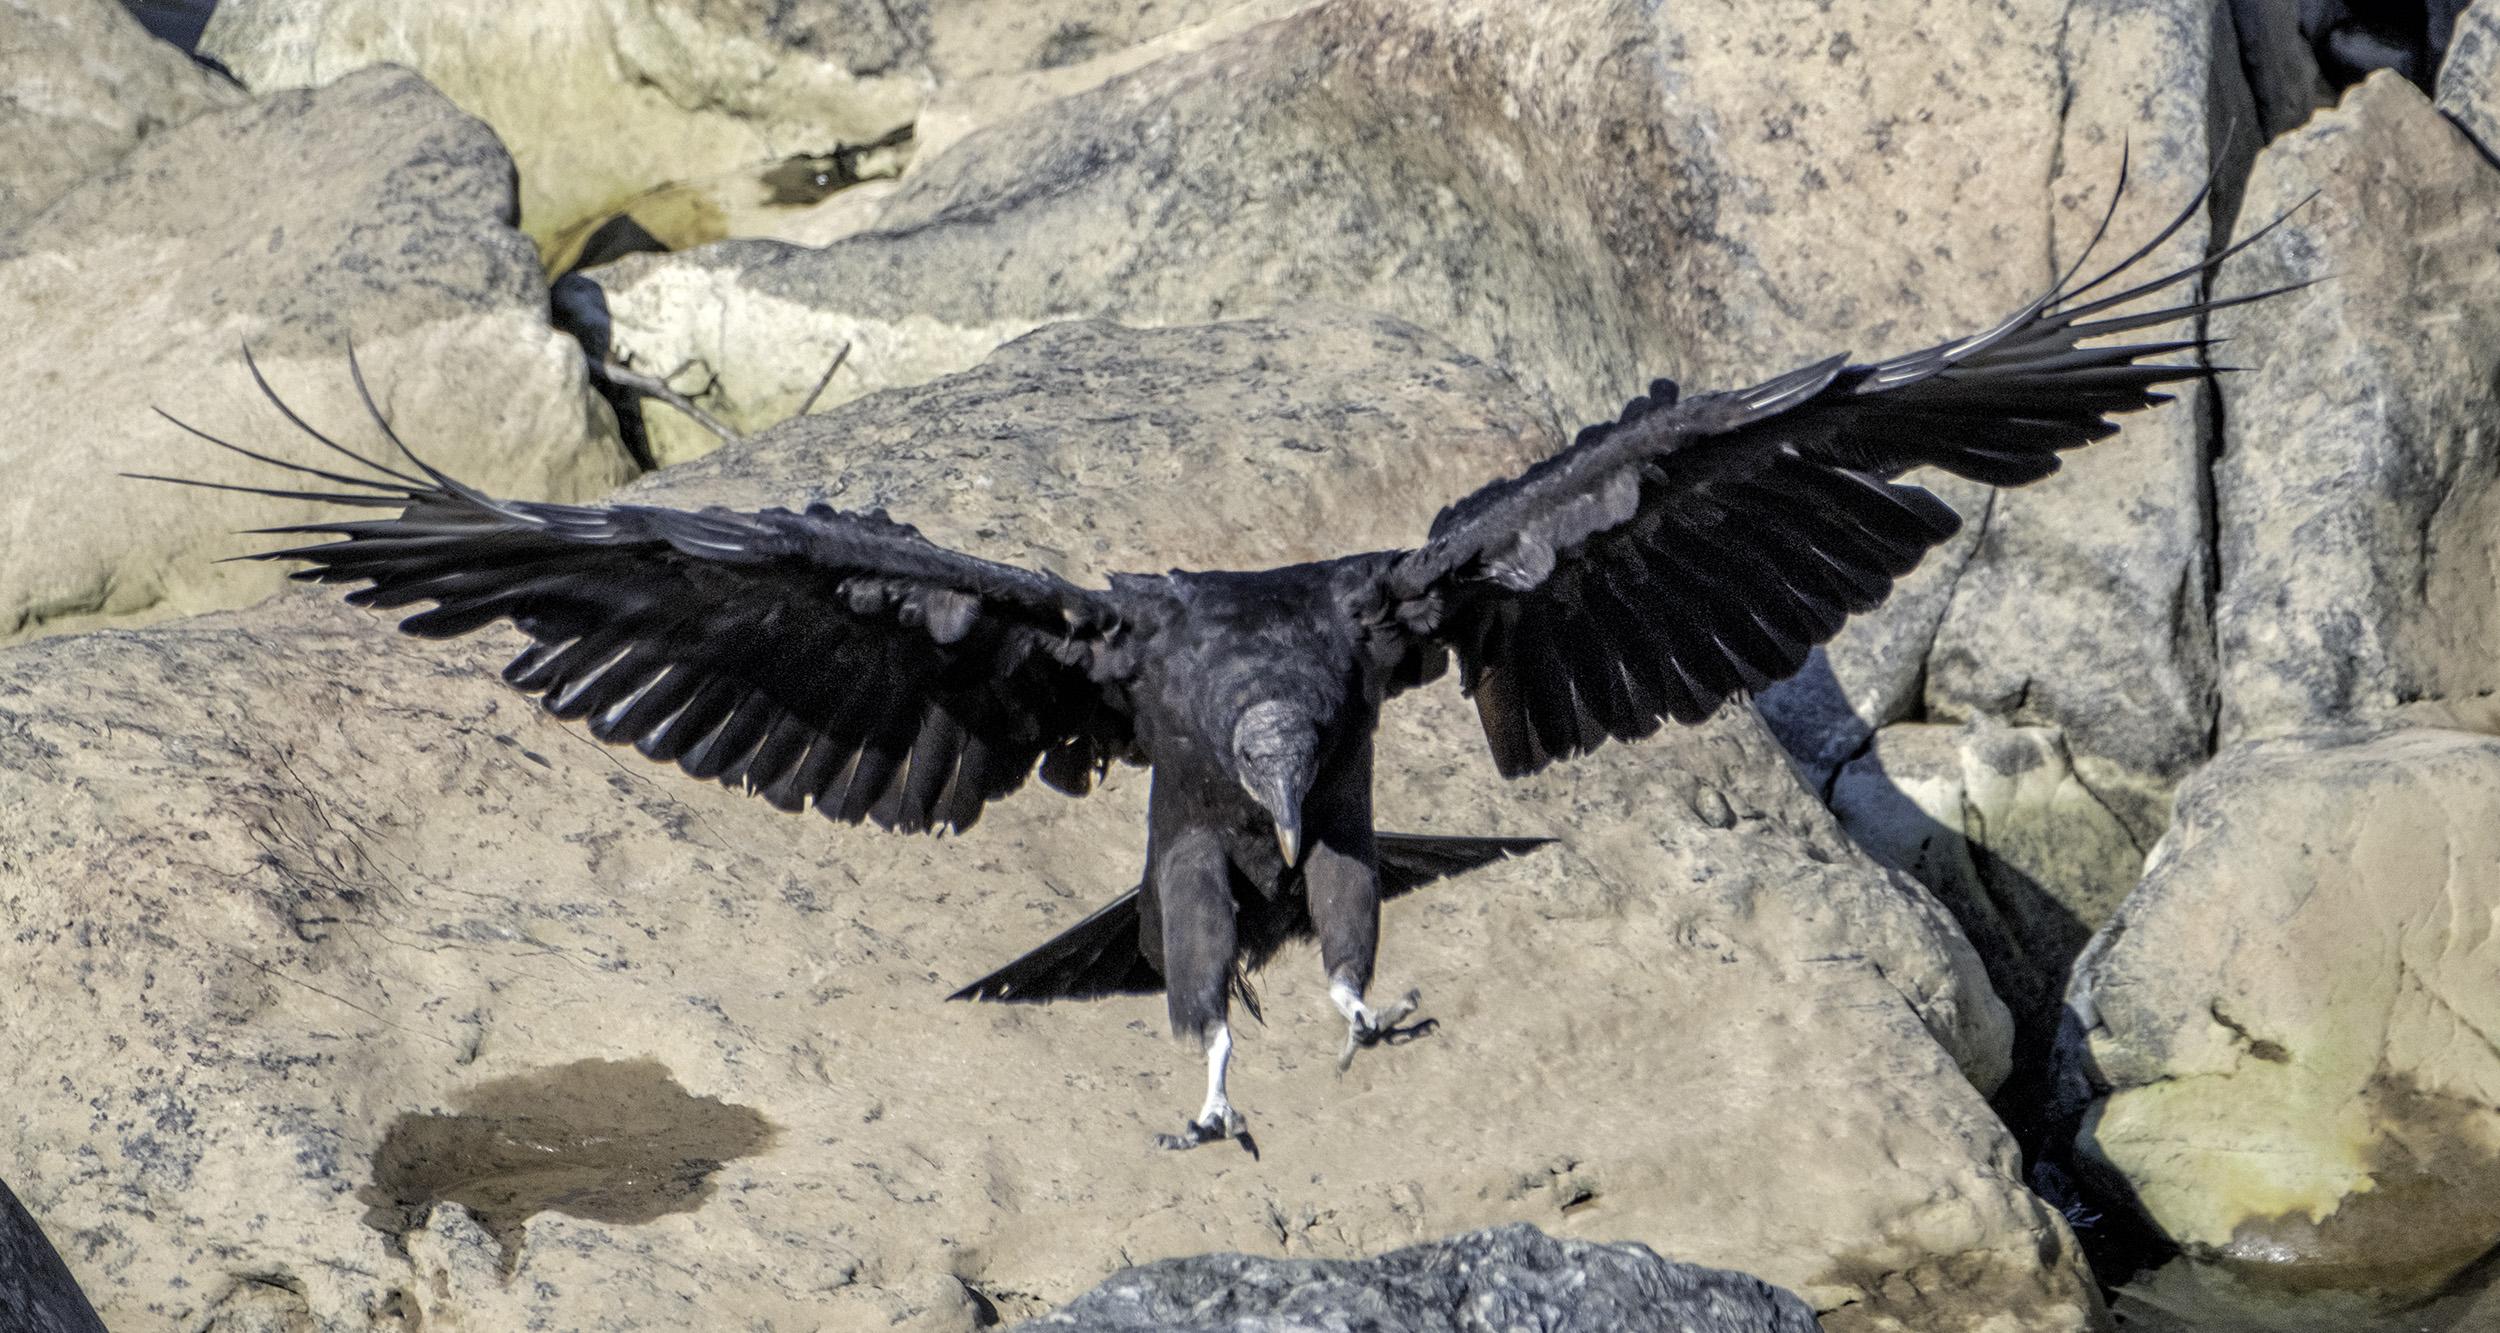 190526 Herons 021-1.jpg